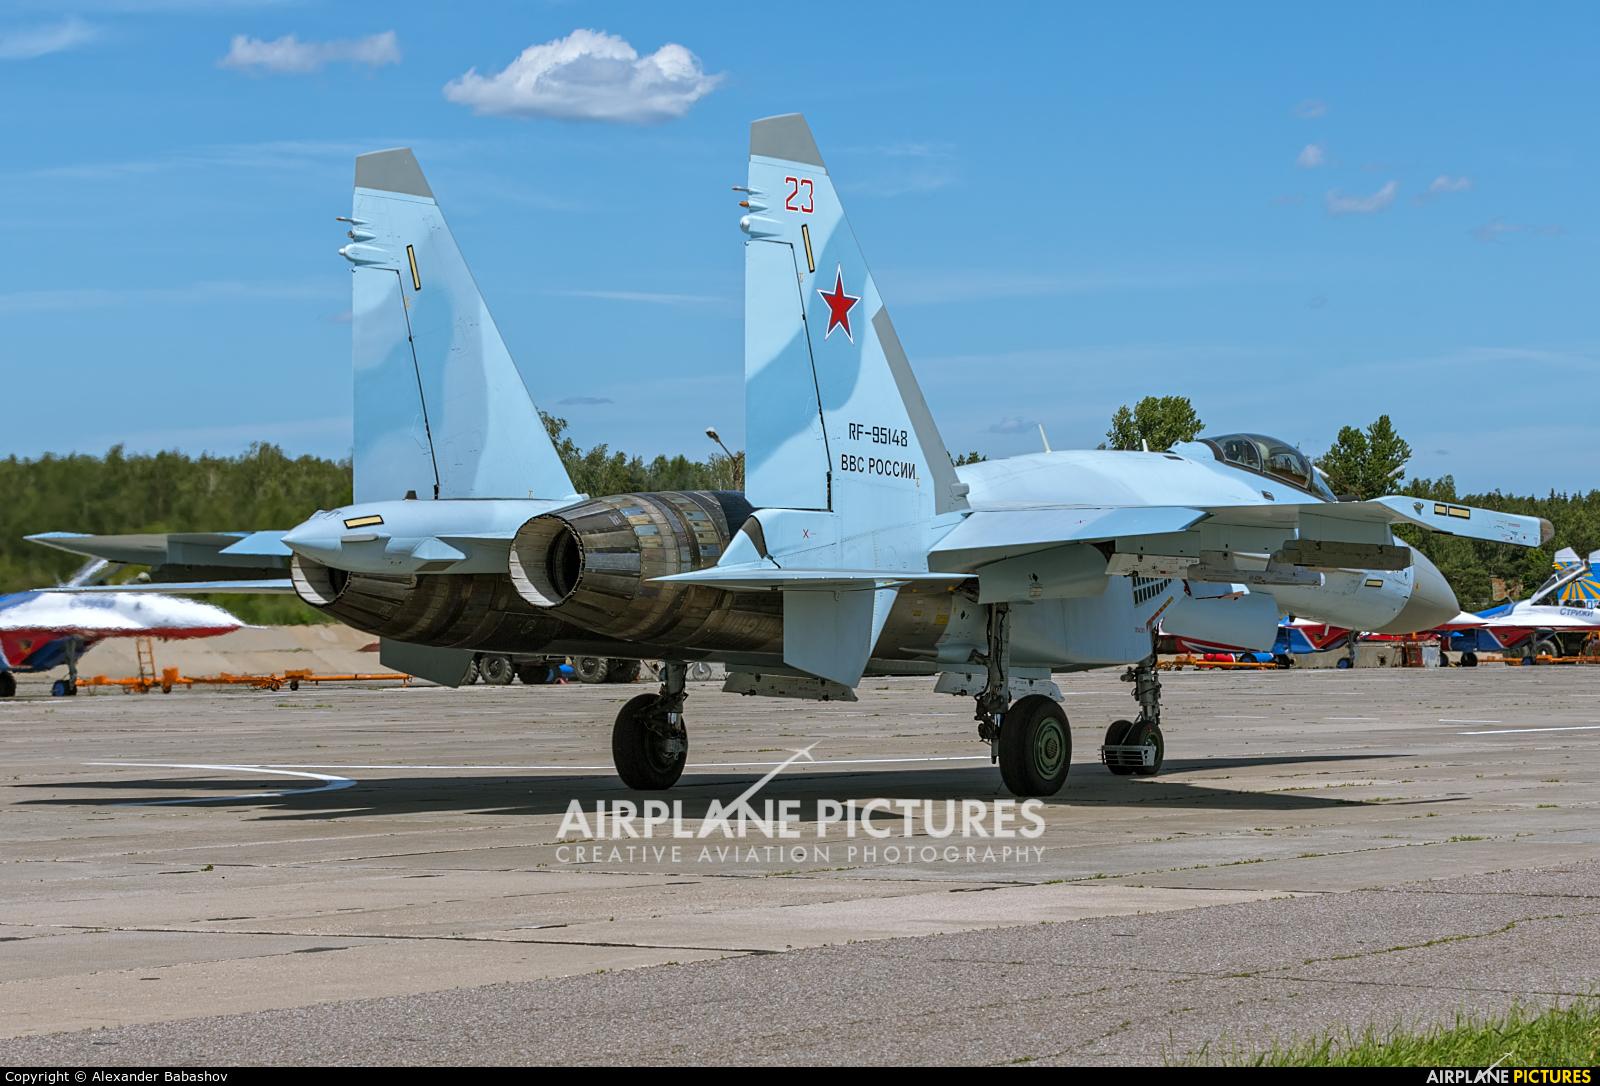 Russia - Air Force RF-95148 aircraft at Kubinka